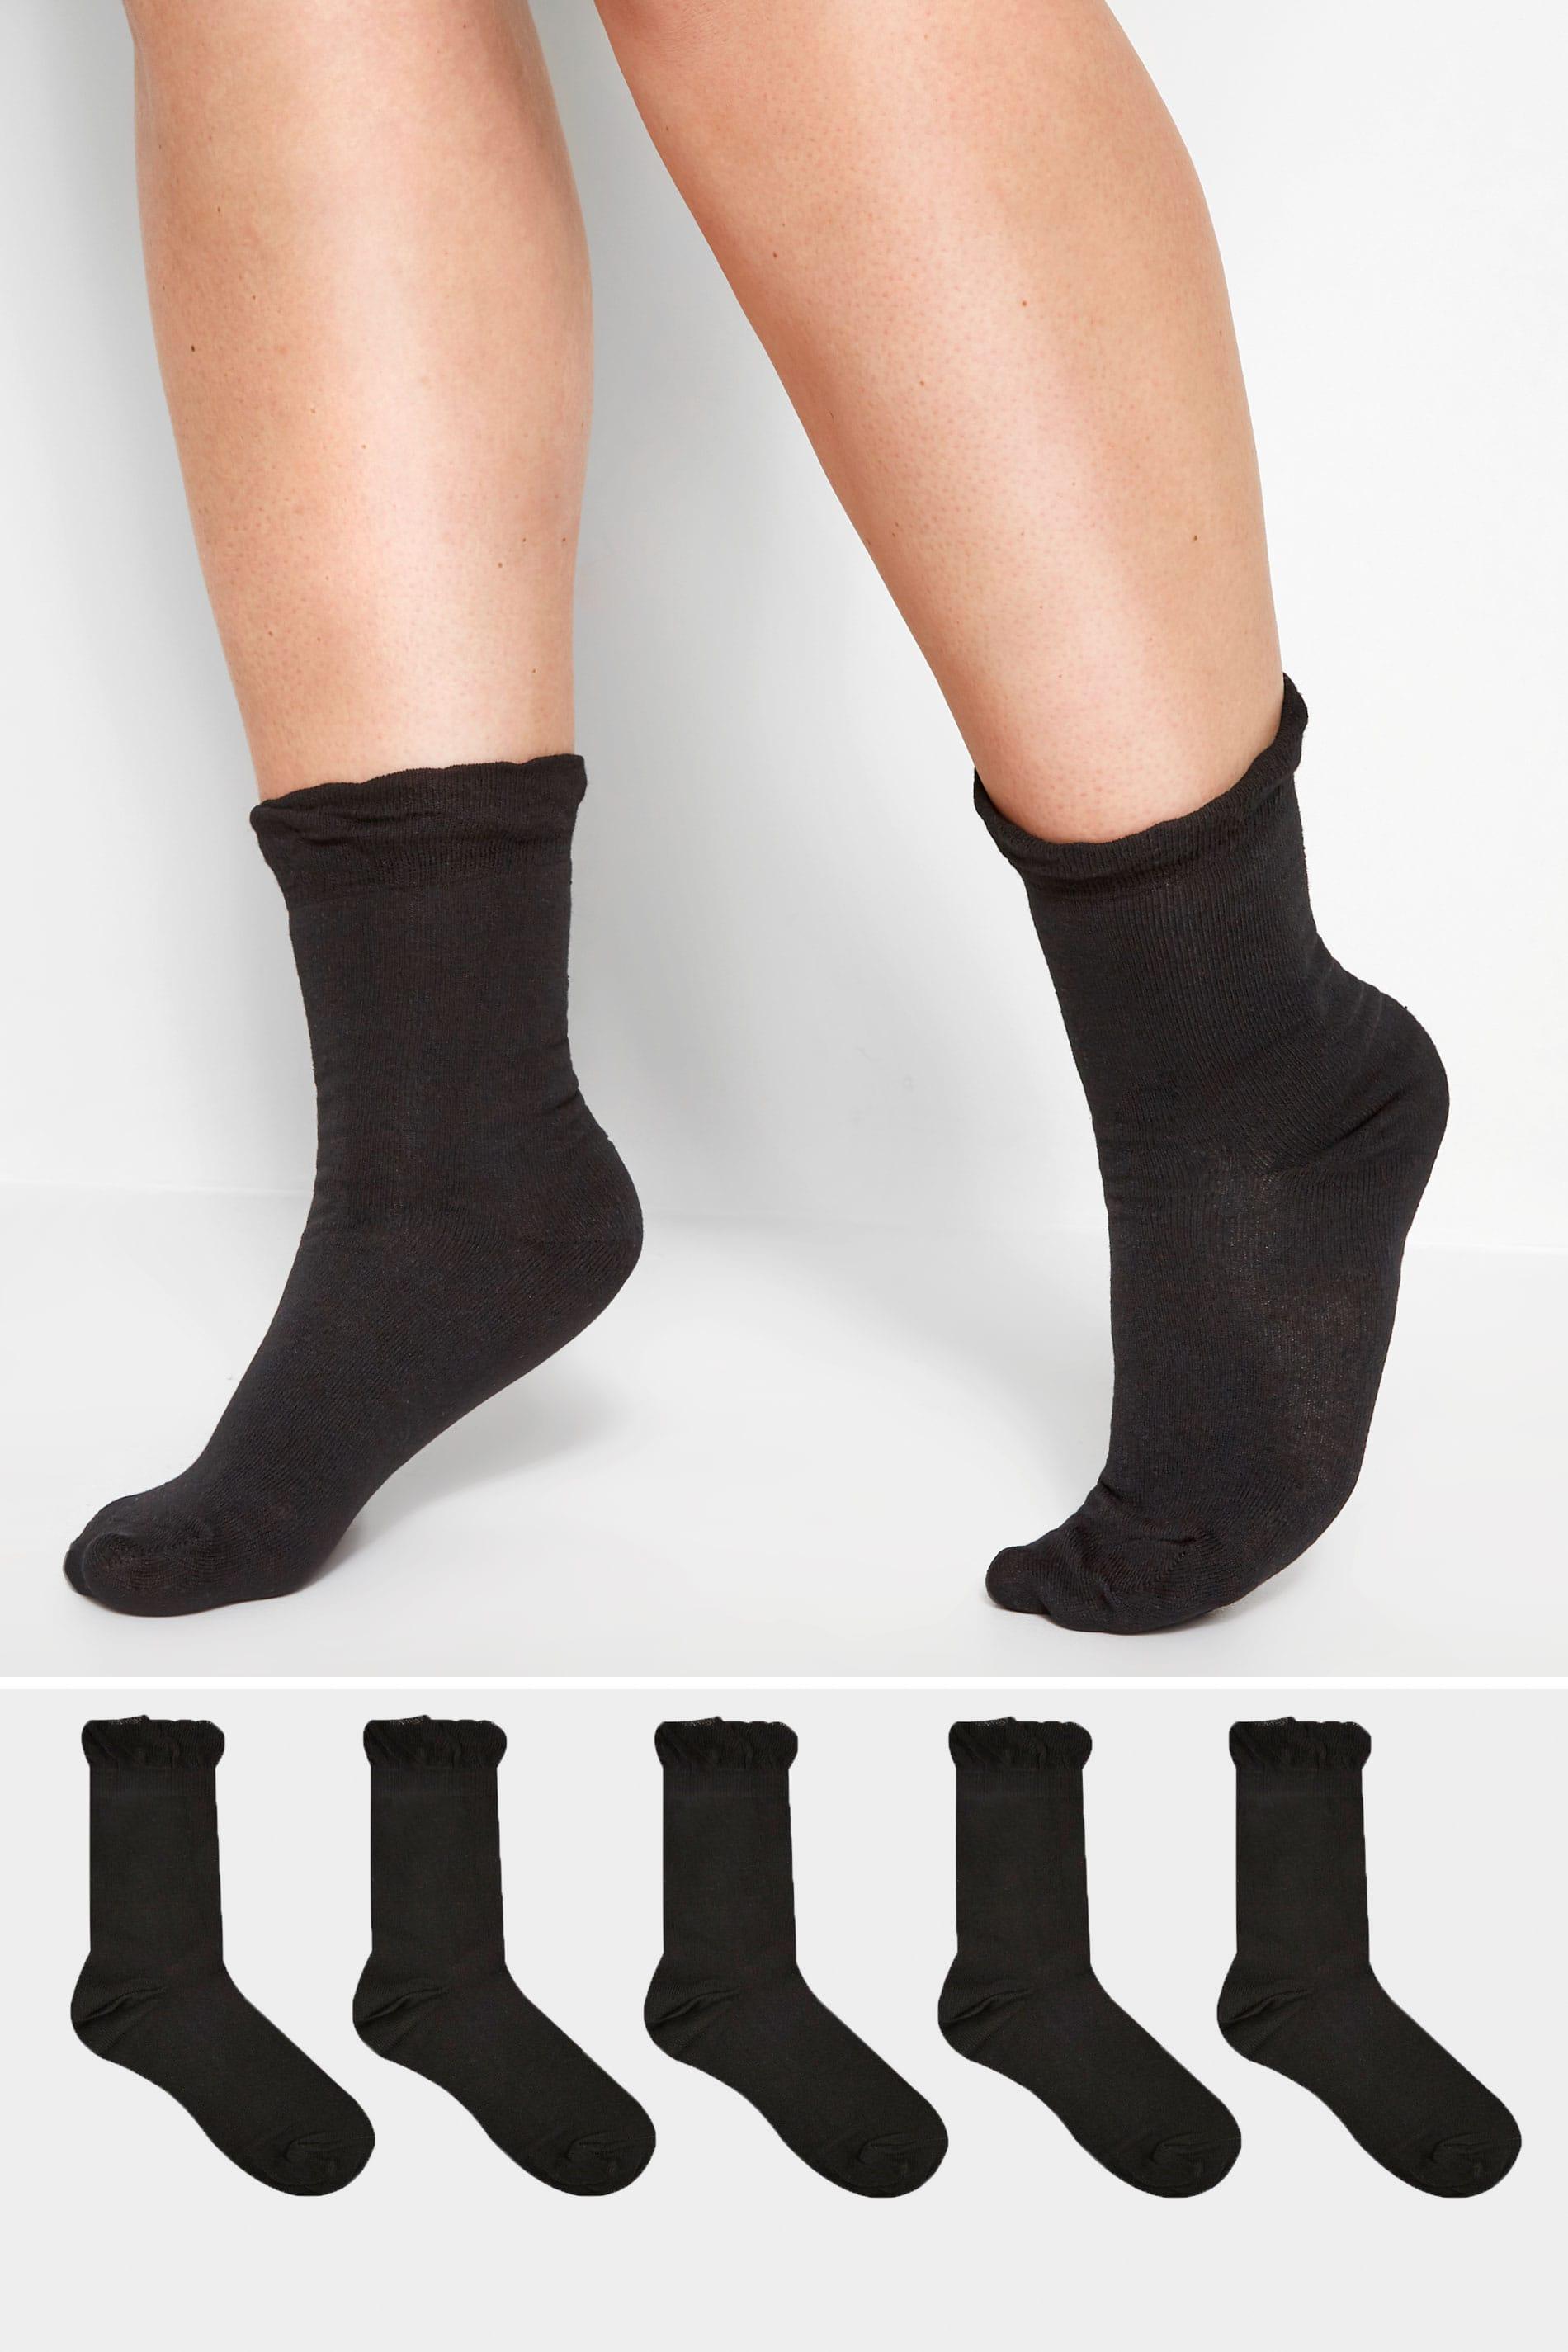 5 paar zwarte sokken - brede pasvorm